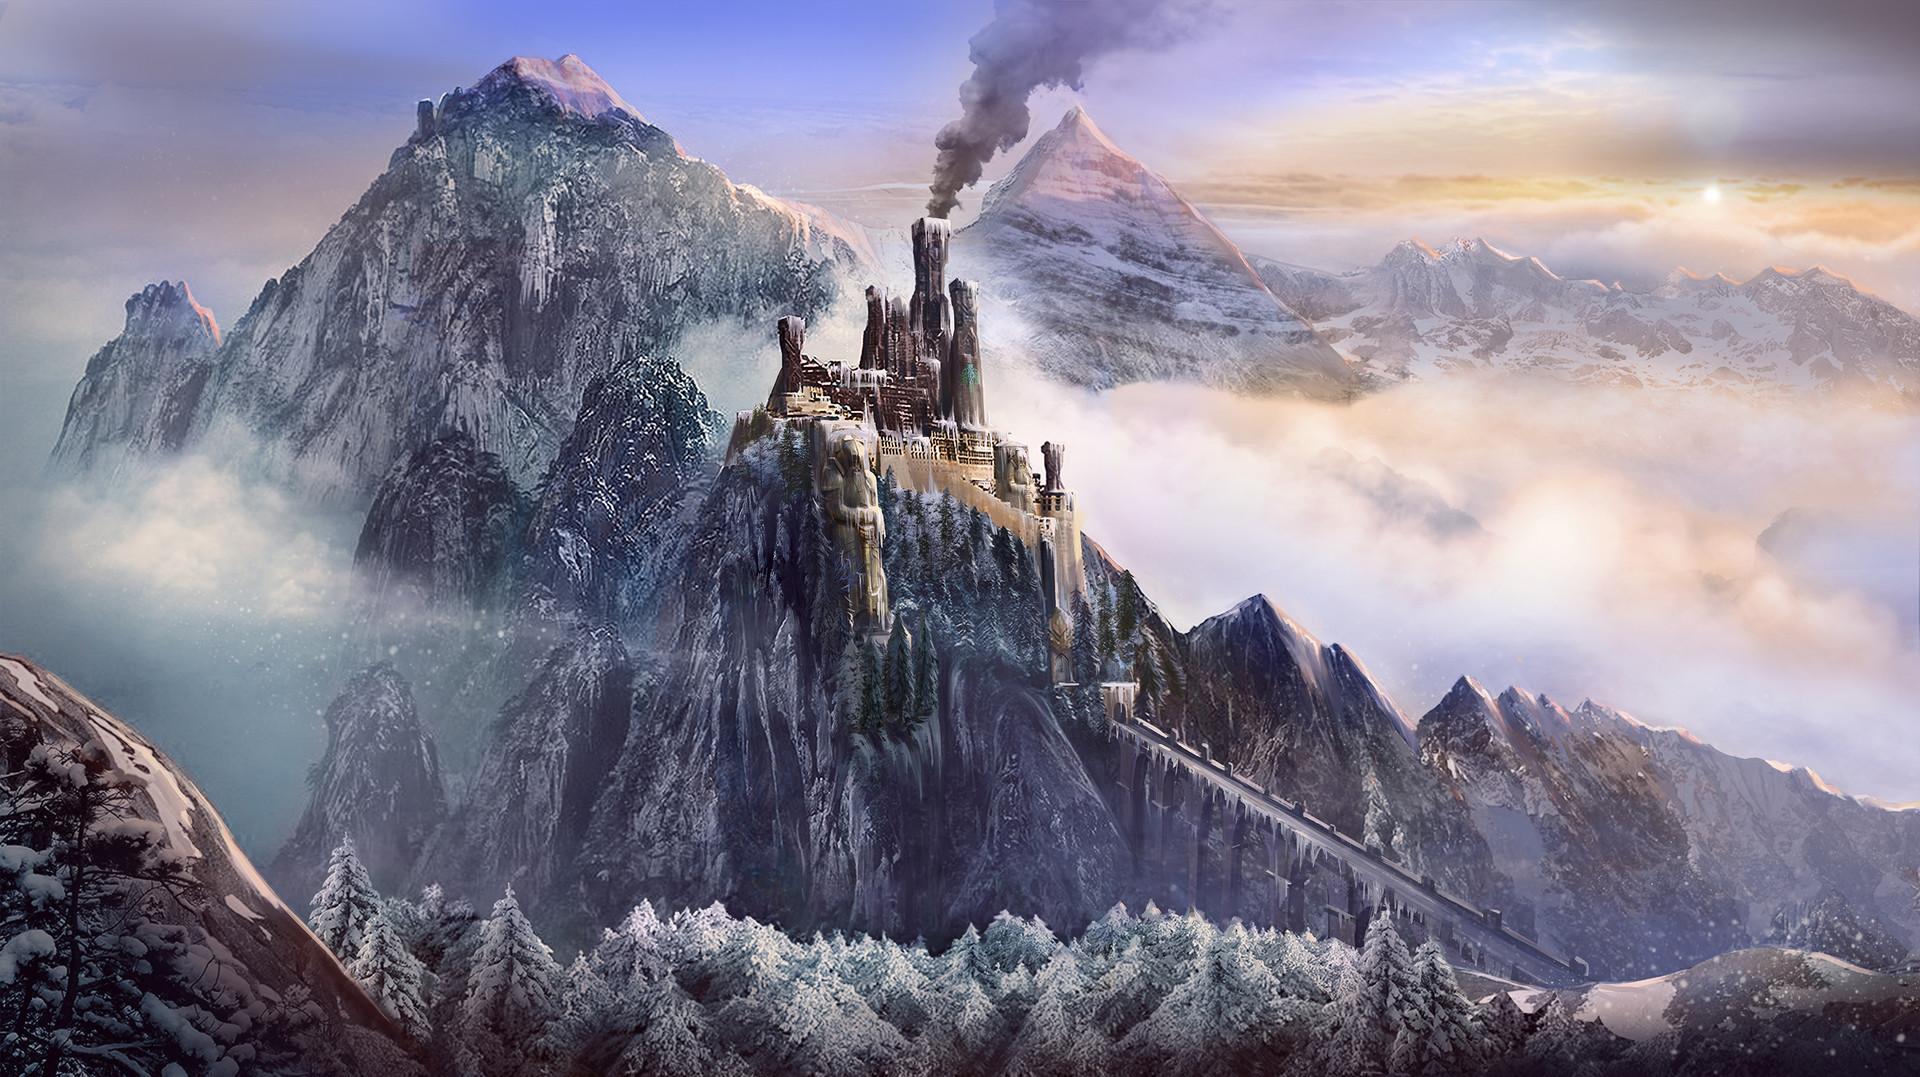 ArtStation - Dwarf castle, Chenyang Huang